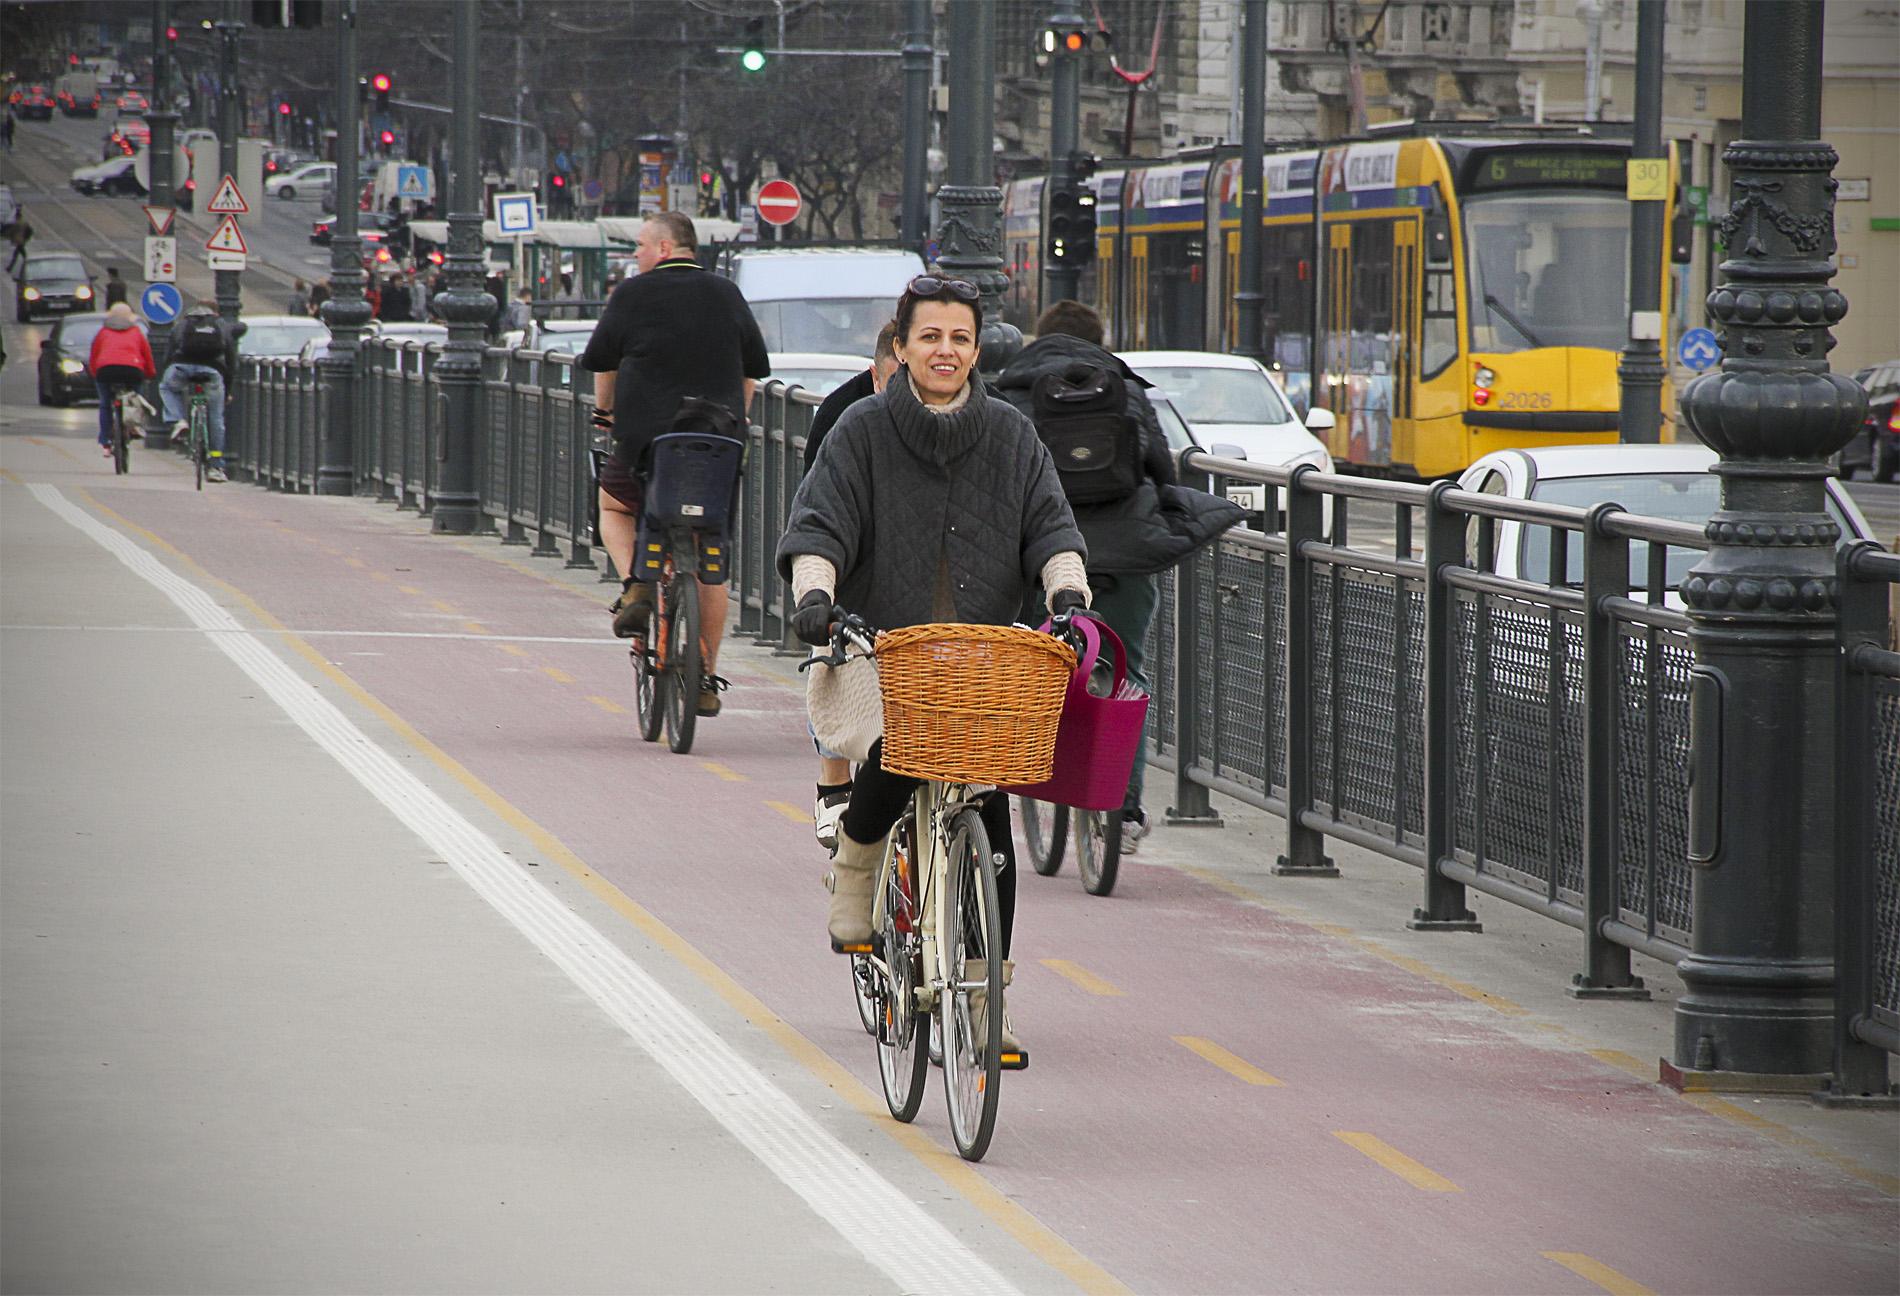 Tavaszi forgalom a hídon